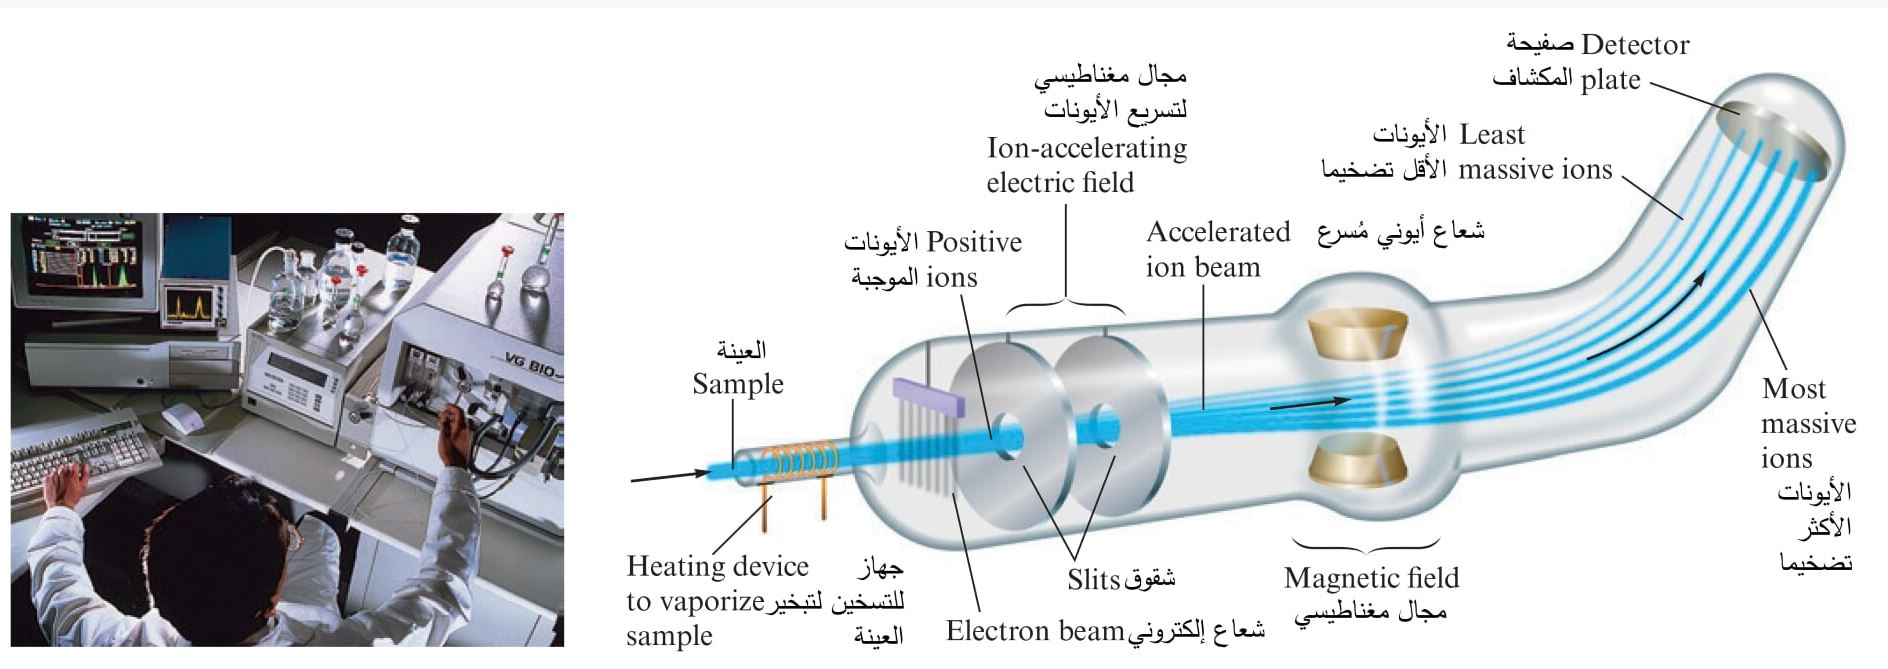 مطياف الكتلة (مقياس طيف الكتلة) Mass Spectrometer- ما هو و كيف يعمل